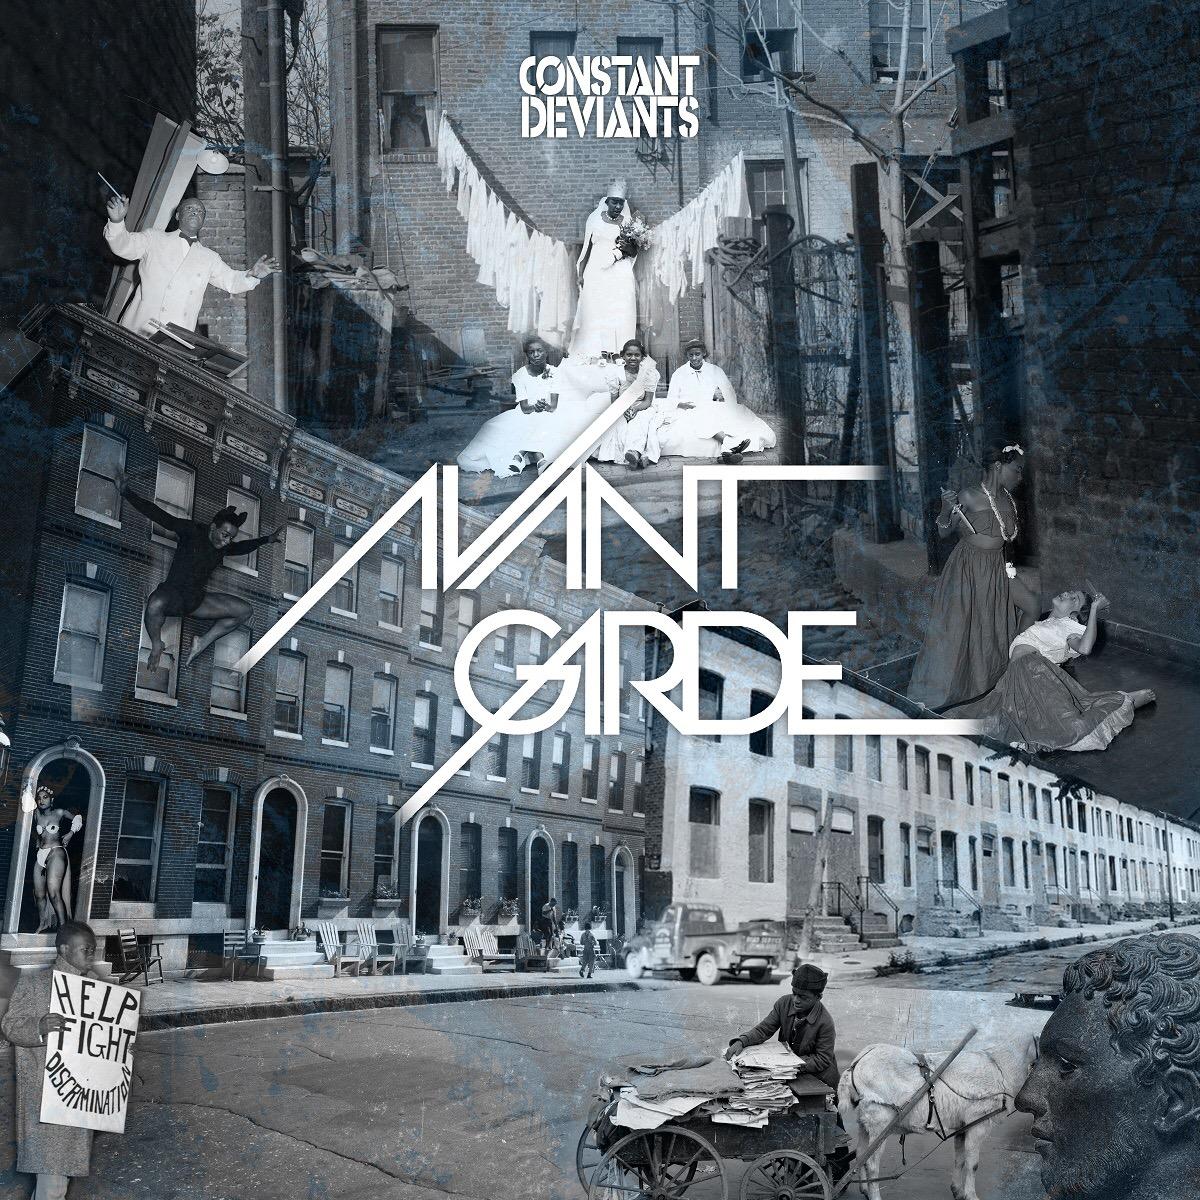 Constant Deviants: Avant Garde